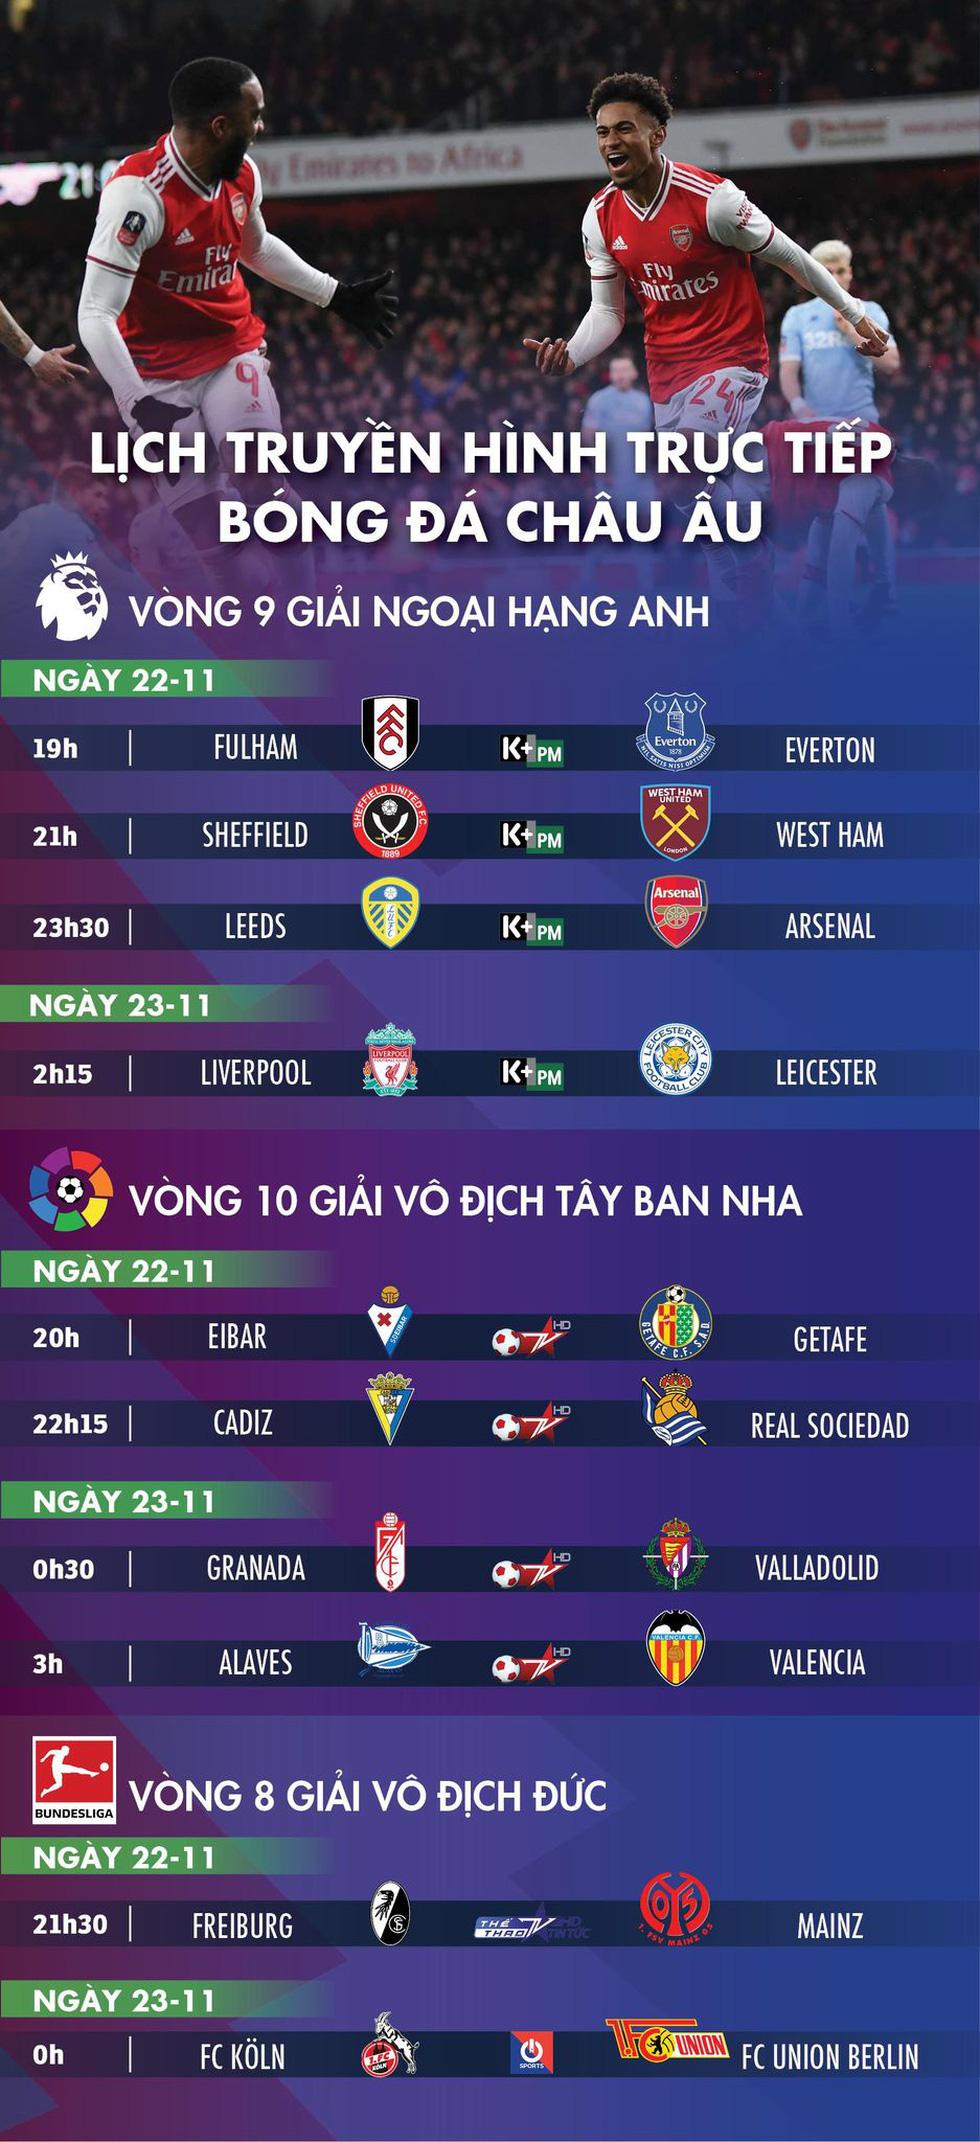 Lịch trực tiếp bóng đá châu Âu 22-11: Liverpool đại chiến Leicester - Ảnh 1.